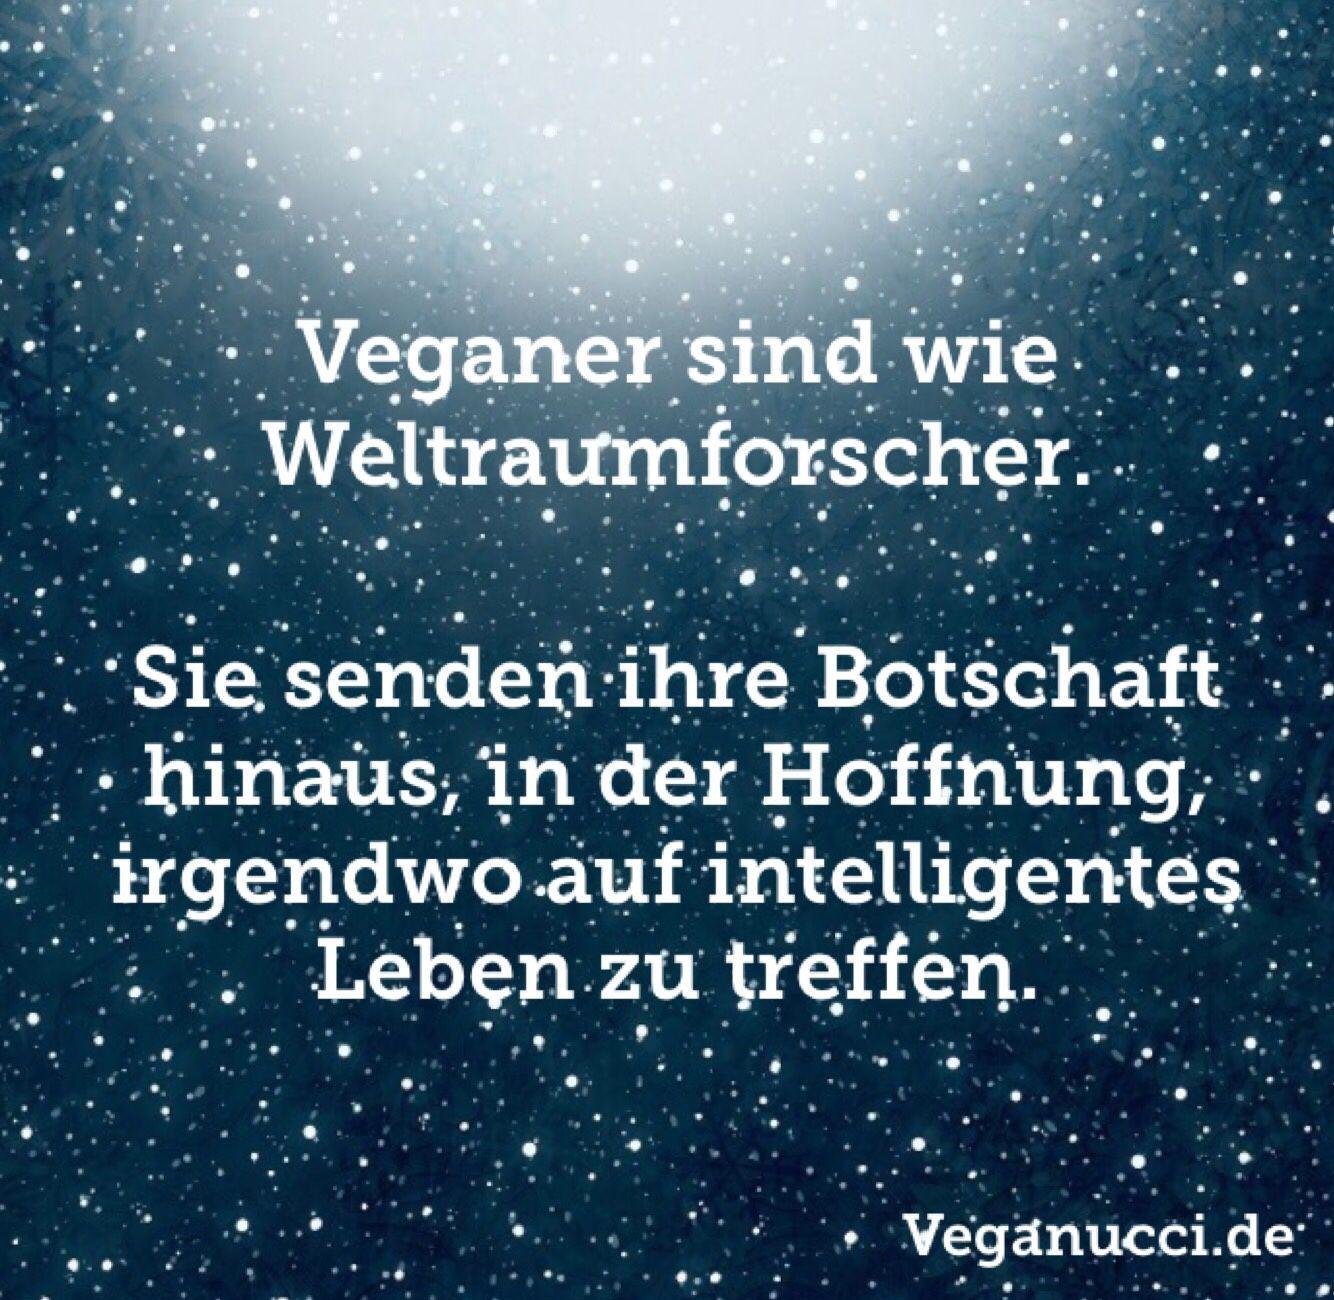 #veganhumor